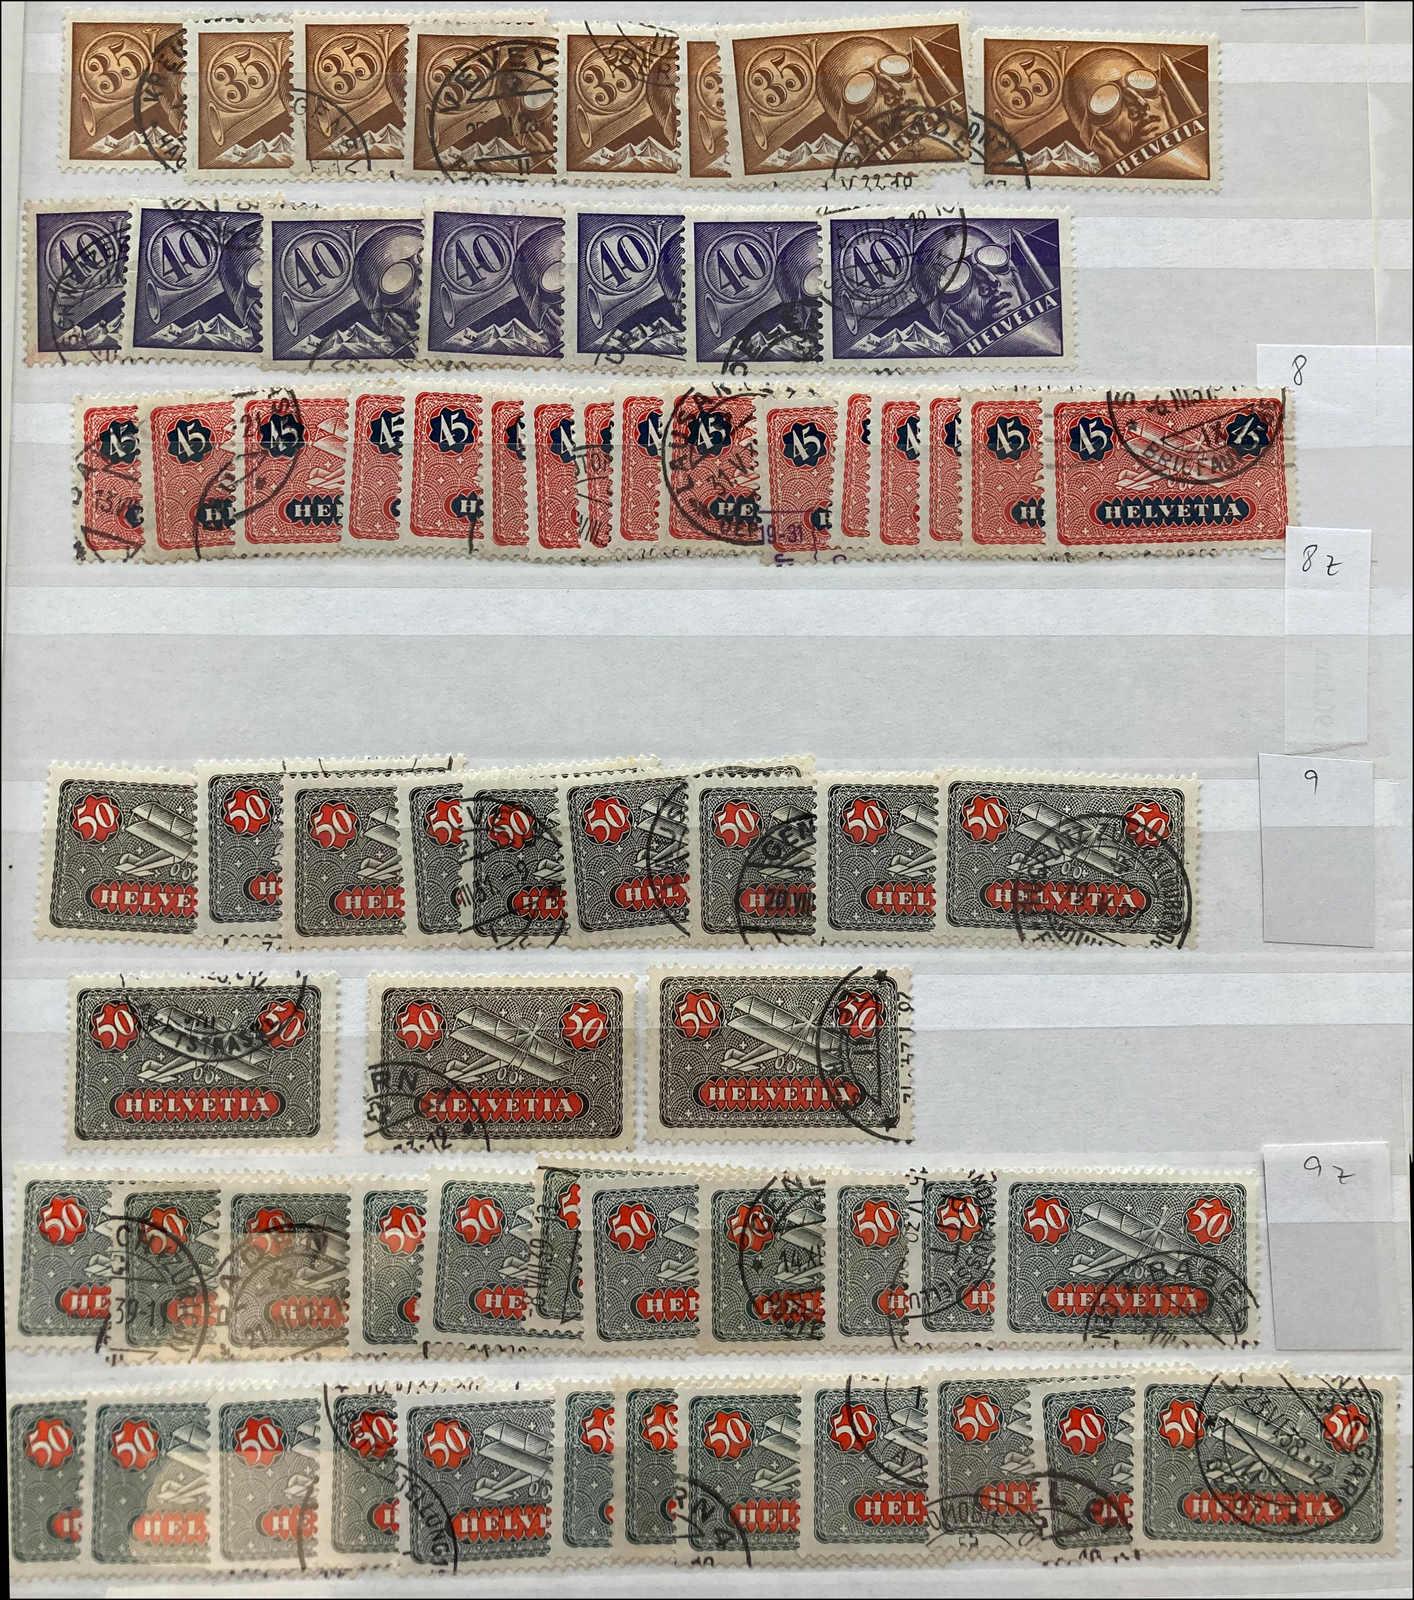 Lot 167 - schweiz schweiz flugpostmarken -  Rolli Auctions Auction #68 Day 1